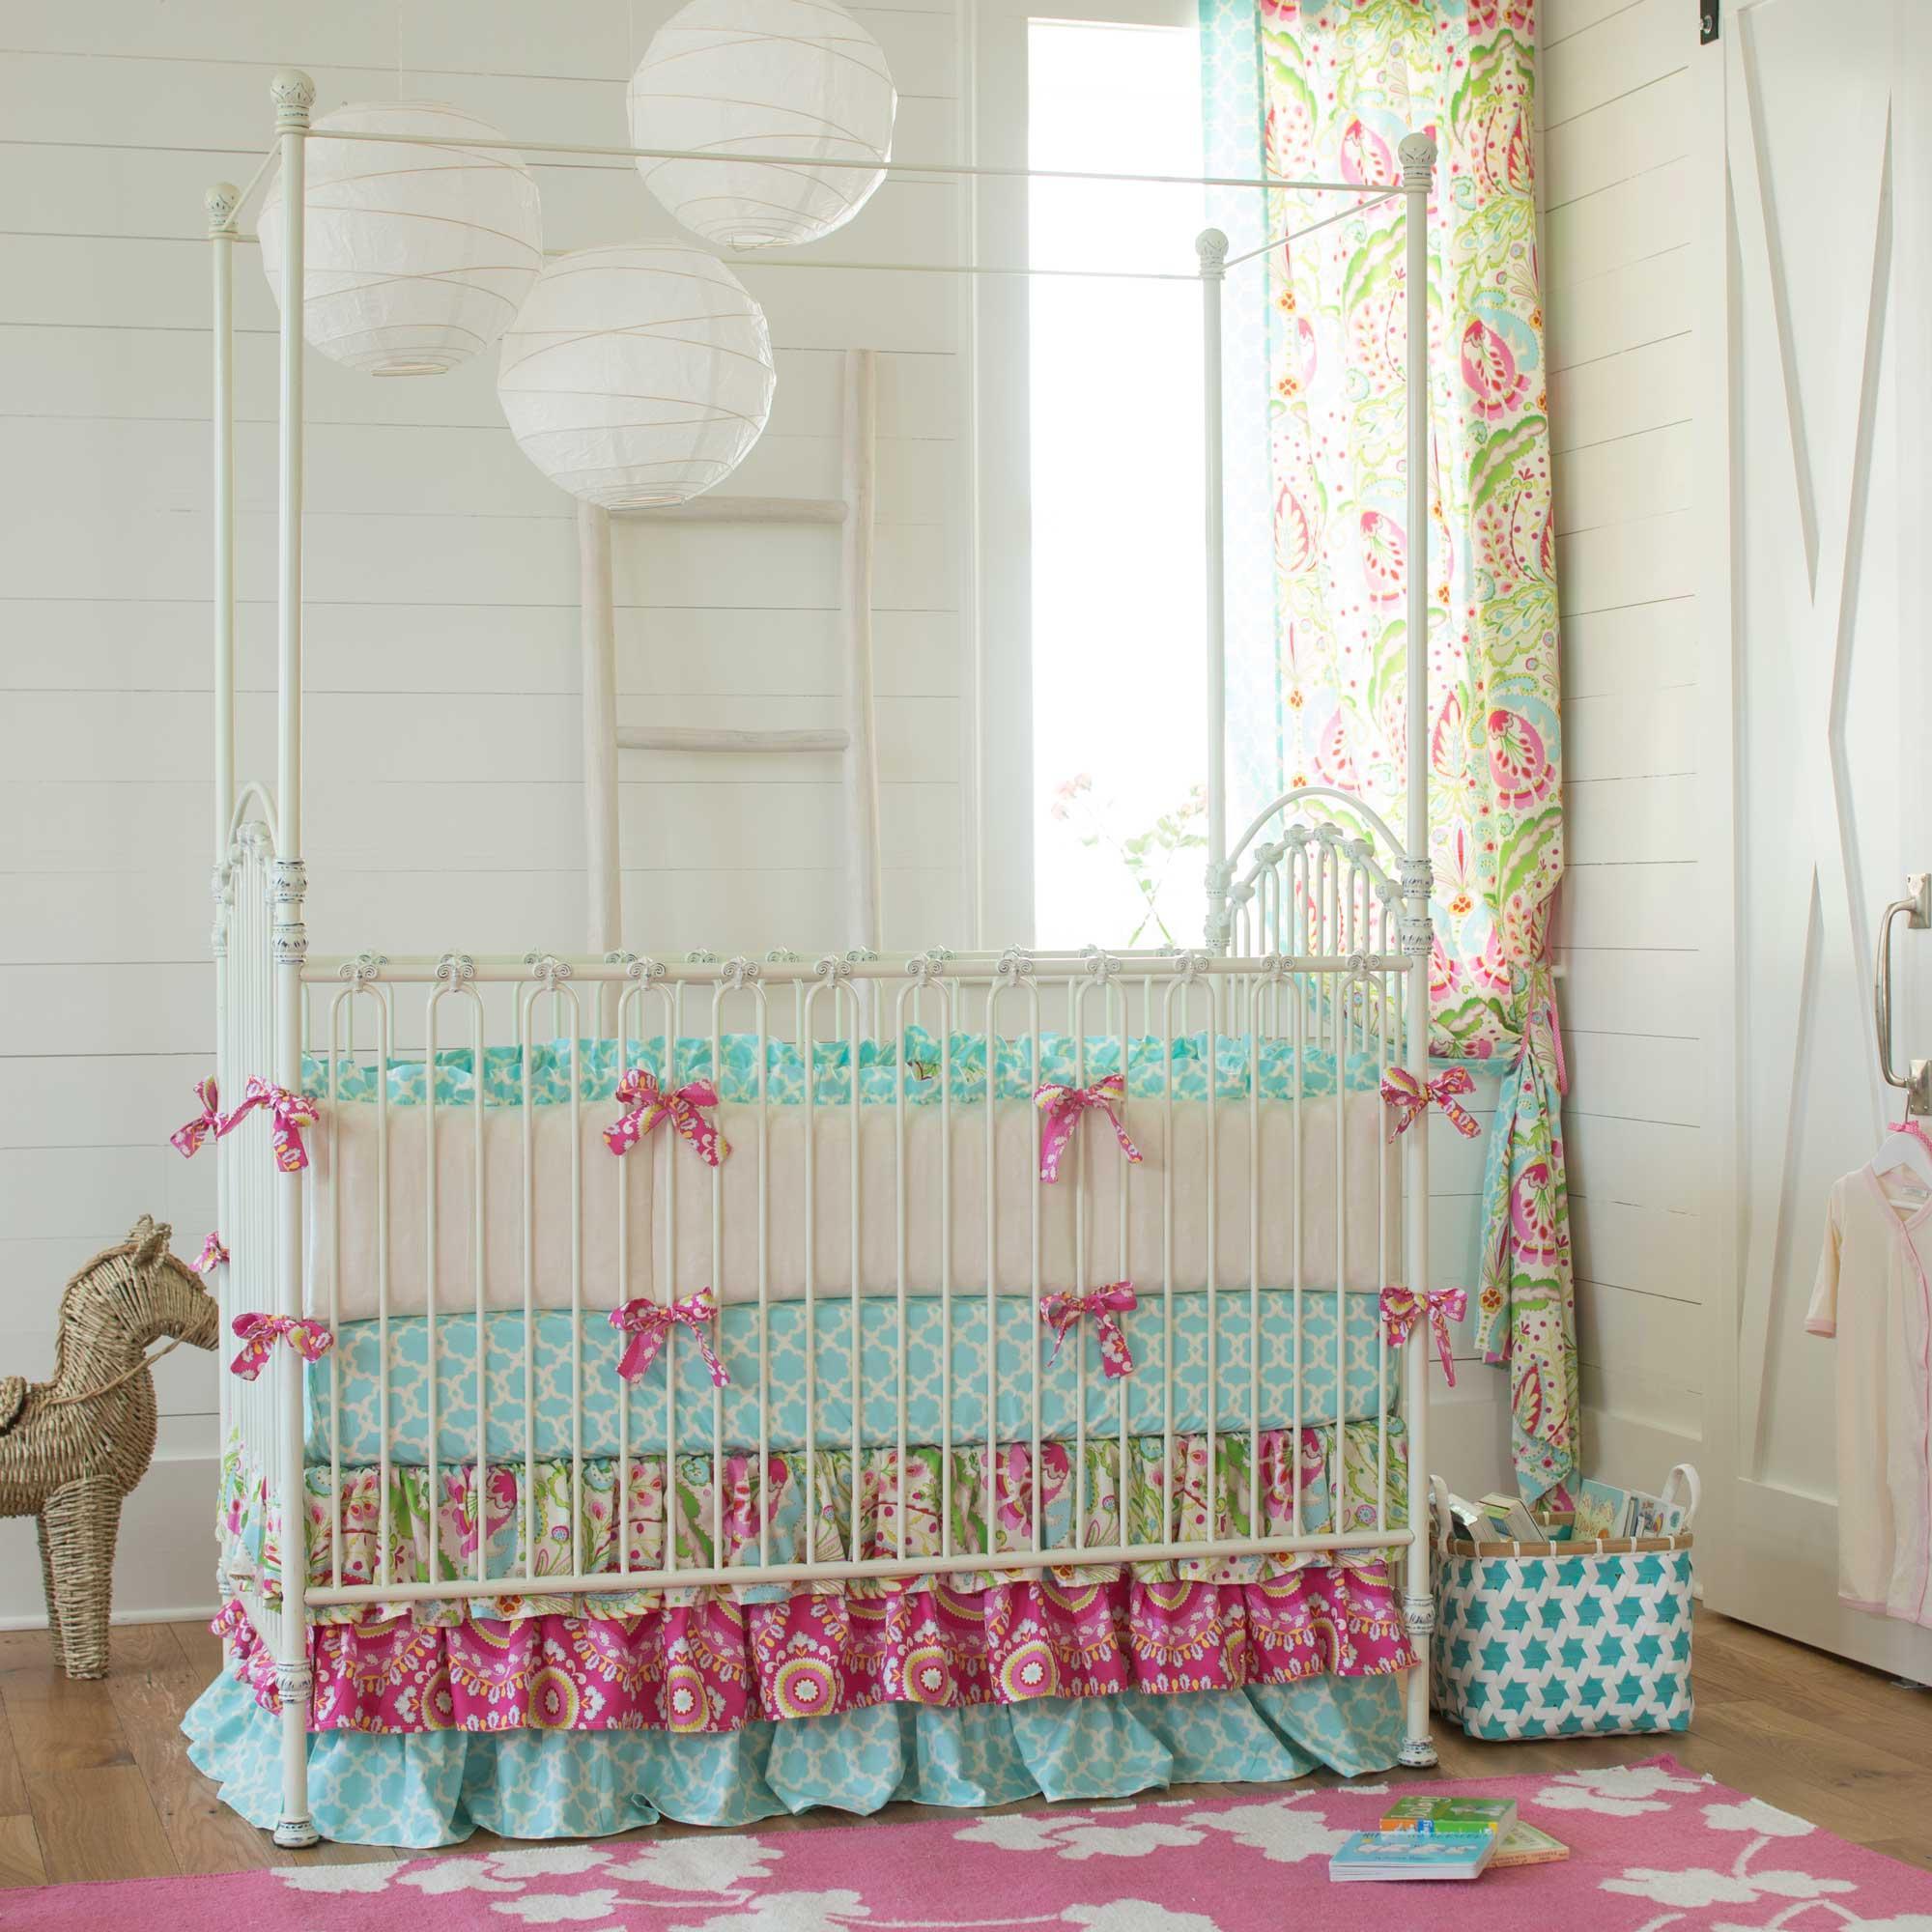 crib bedding for girls ... kumari garden crib bedding WTQGNBZ